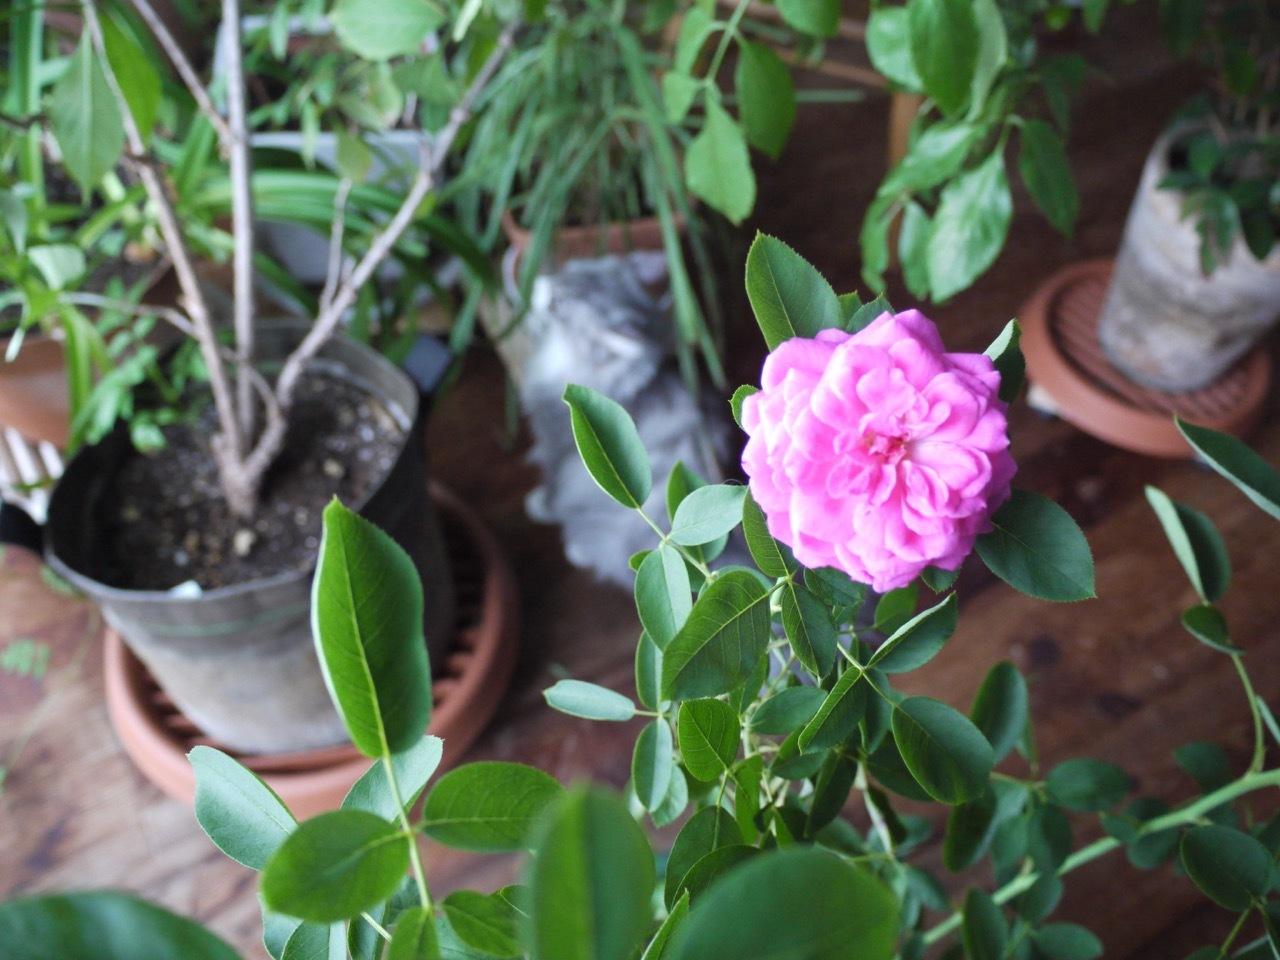 バラが咲いた!そしてウーラちゃんが・・・_e0356356_11405814.jpg